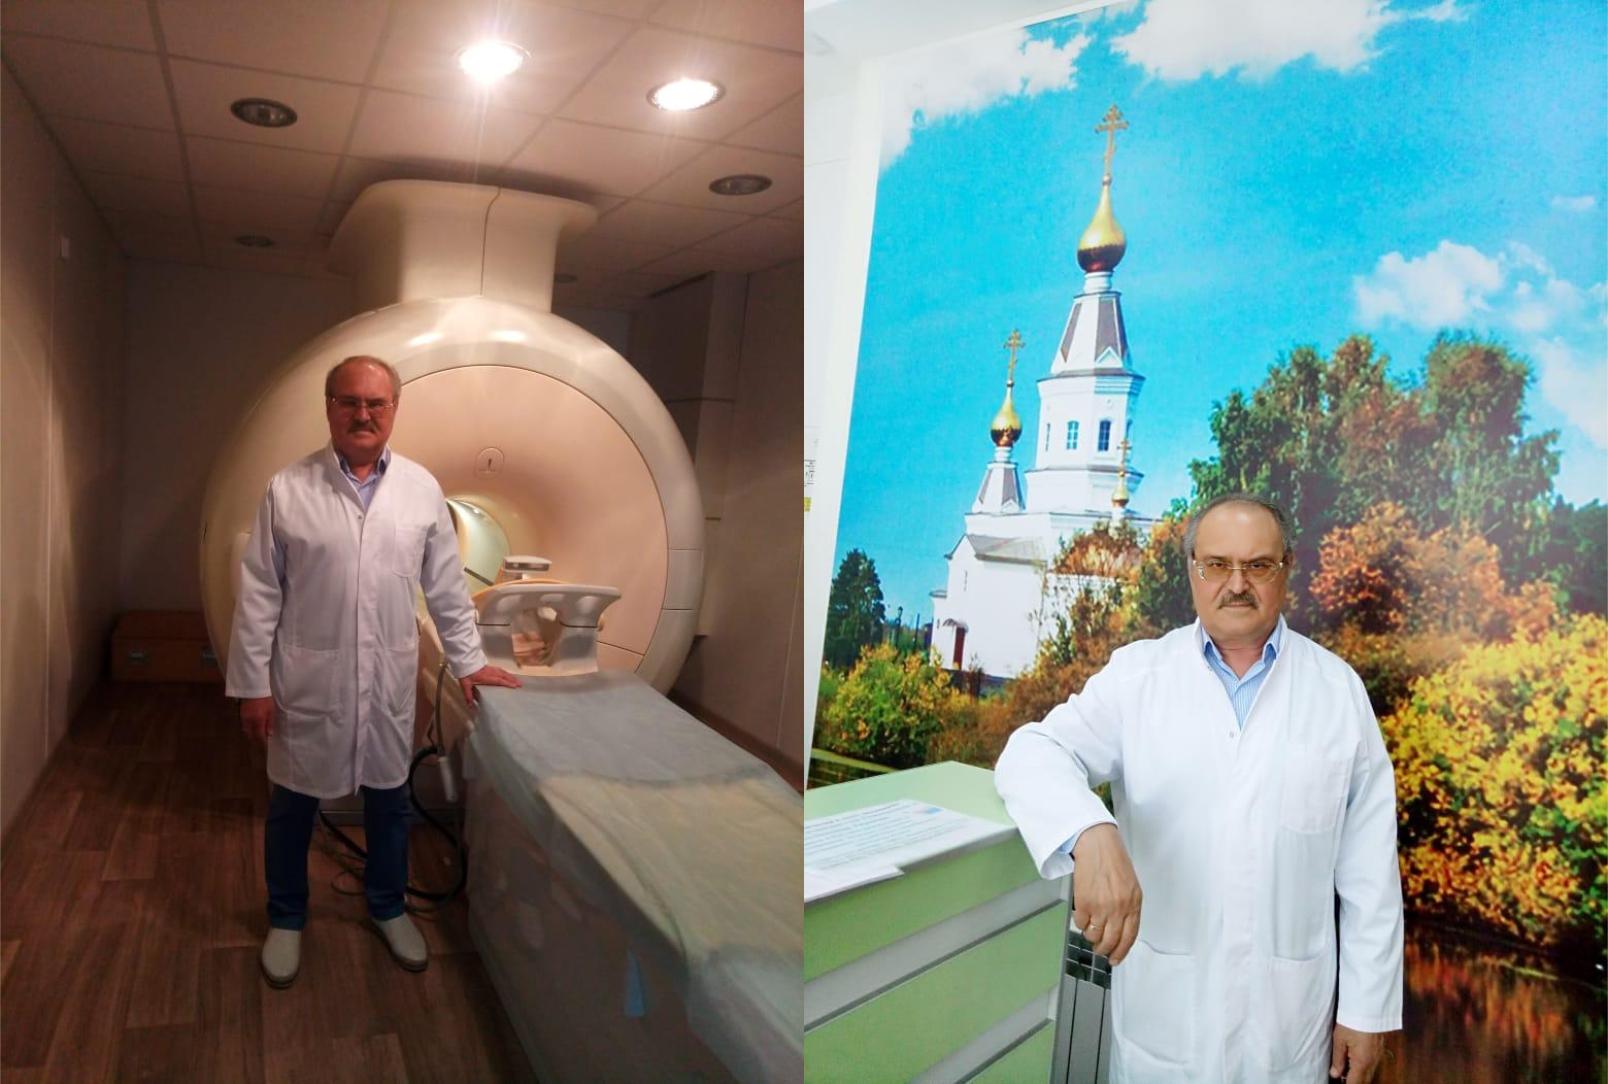 Главный врач Шафиров Александр Александрович. Создатель частного медицинского объединения